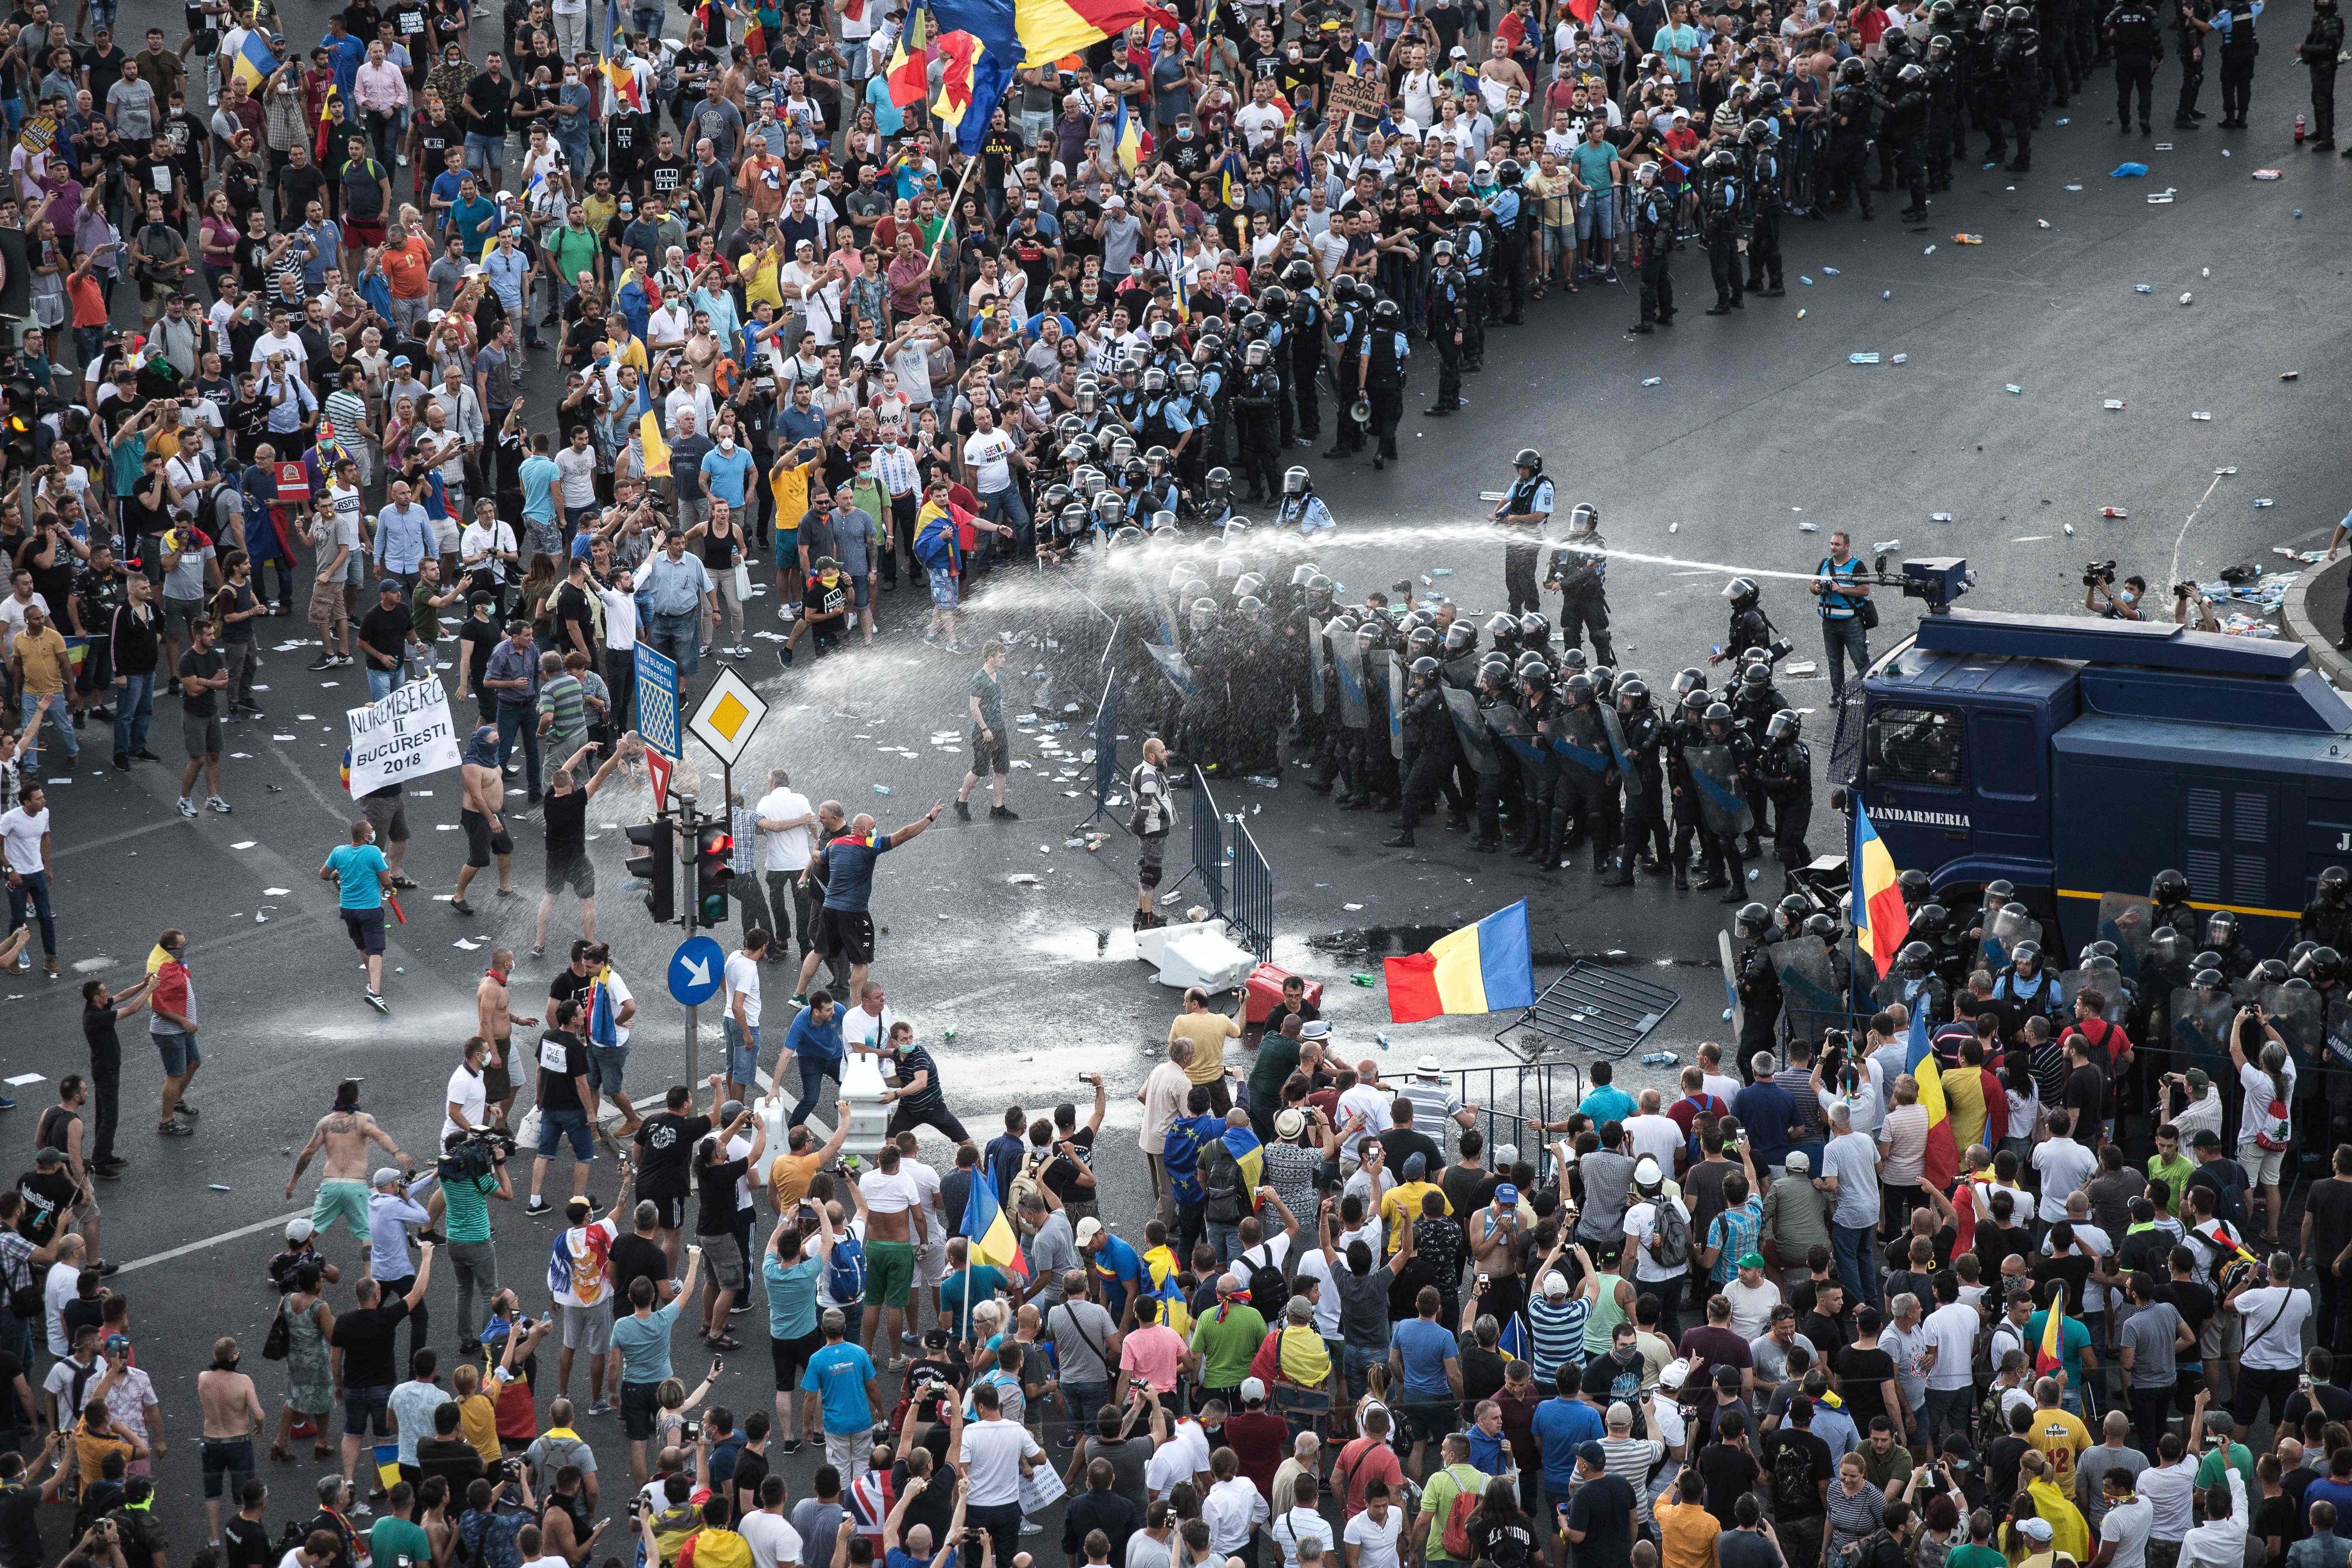 الشرطة تطلق مدافع المياه